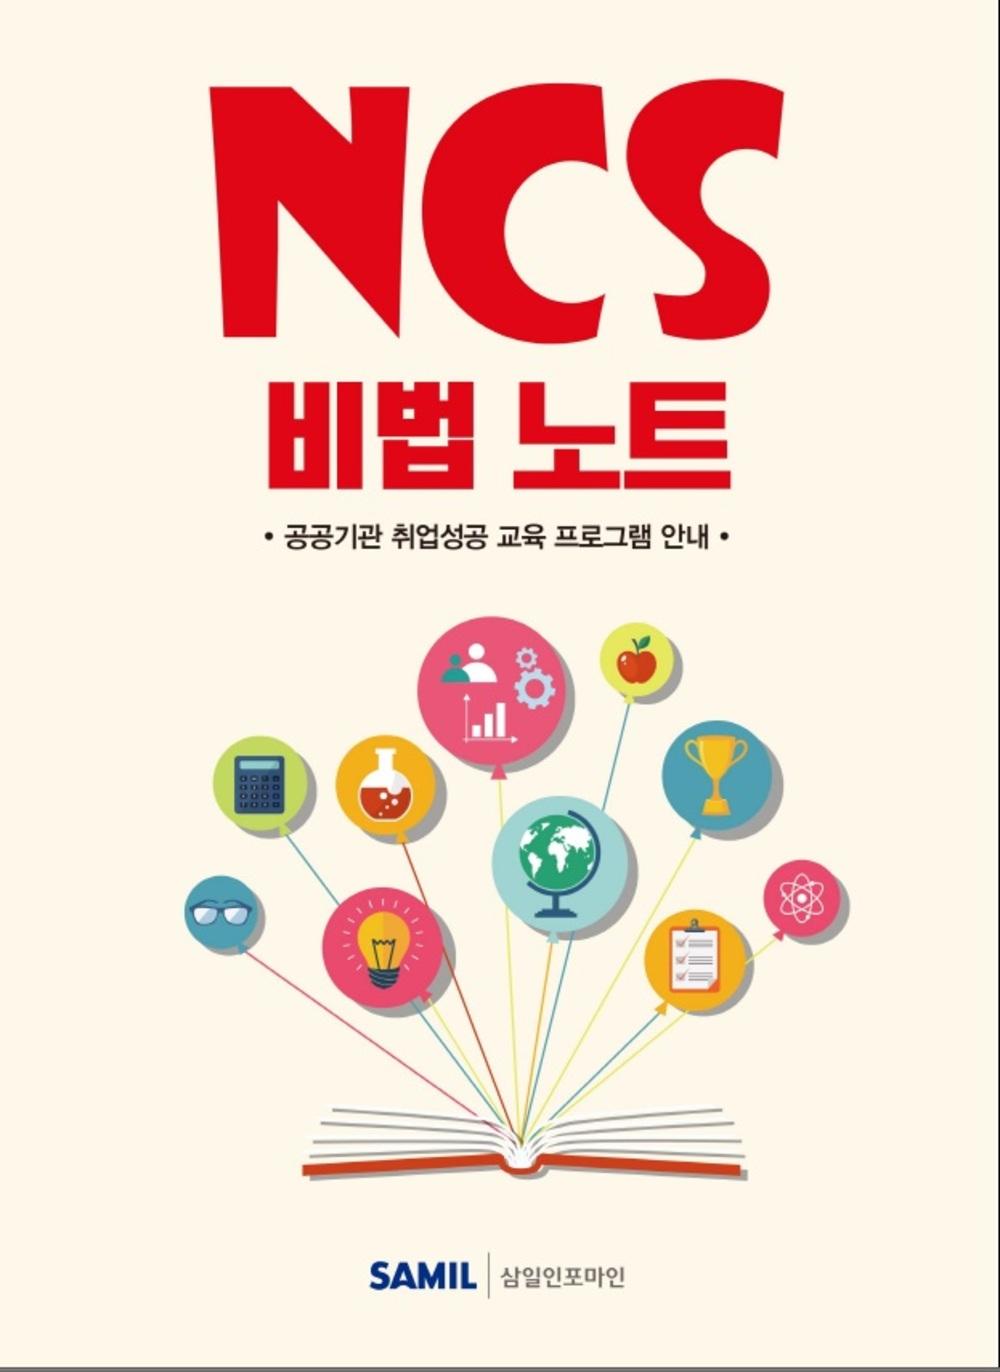 NCS 비법 노트